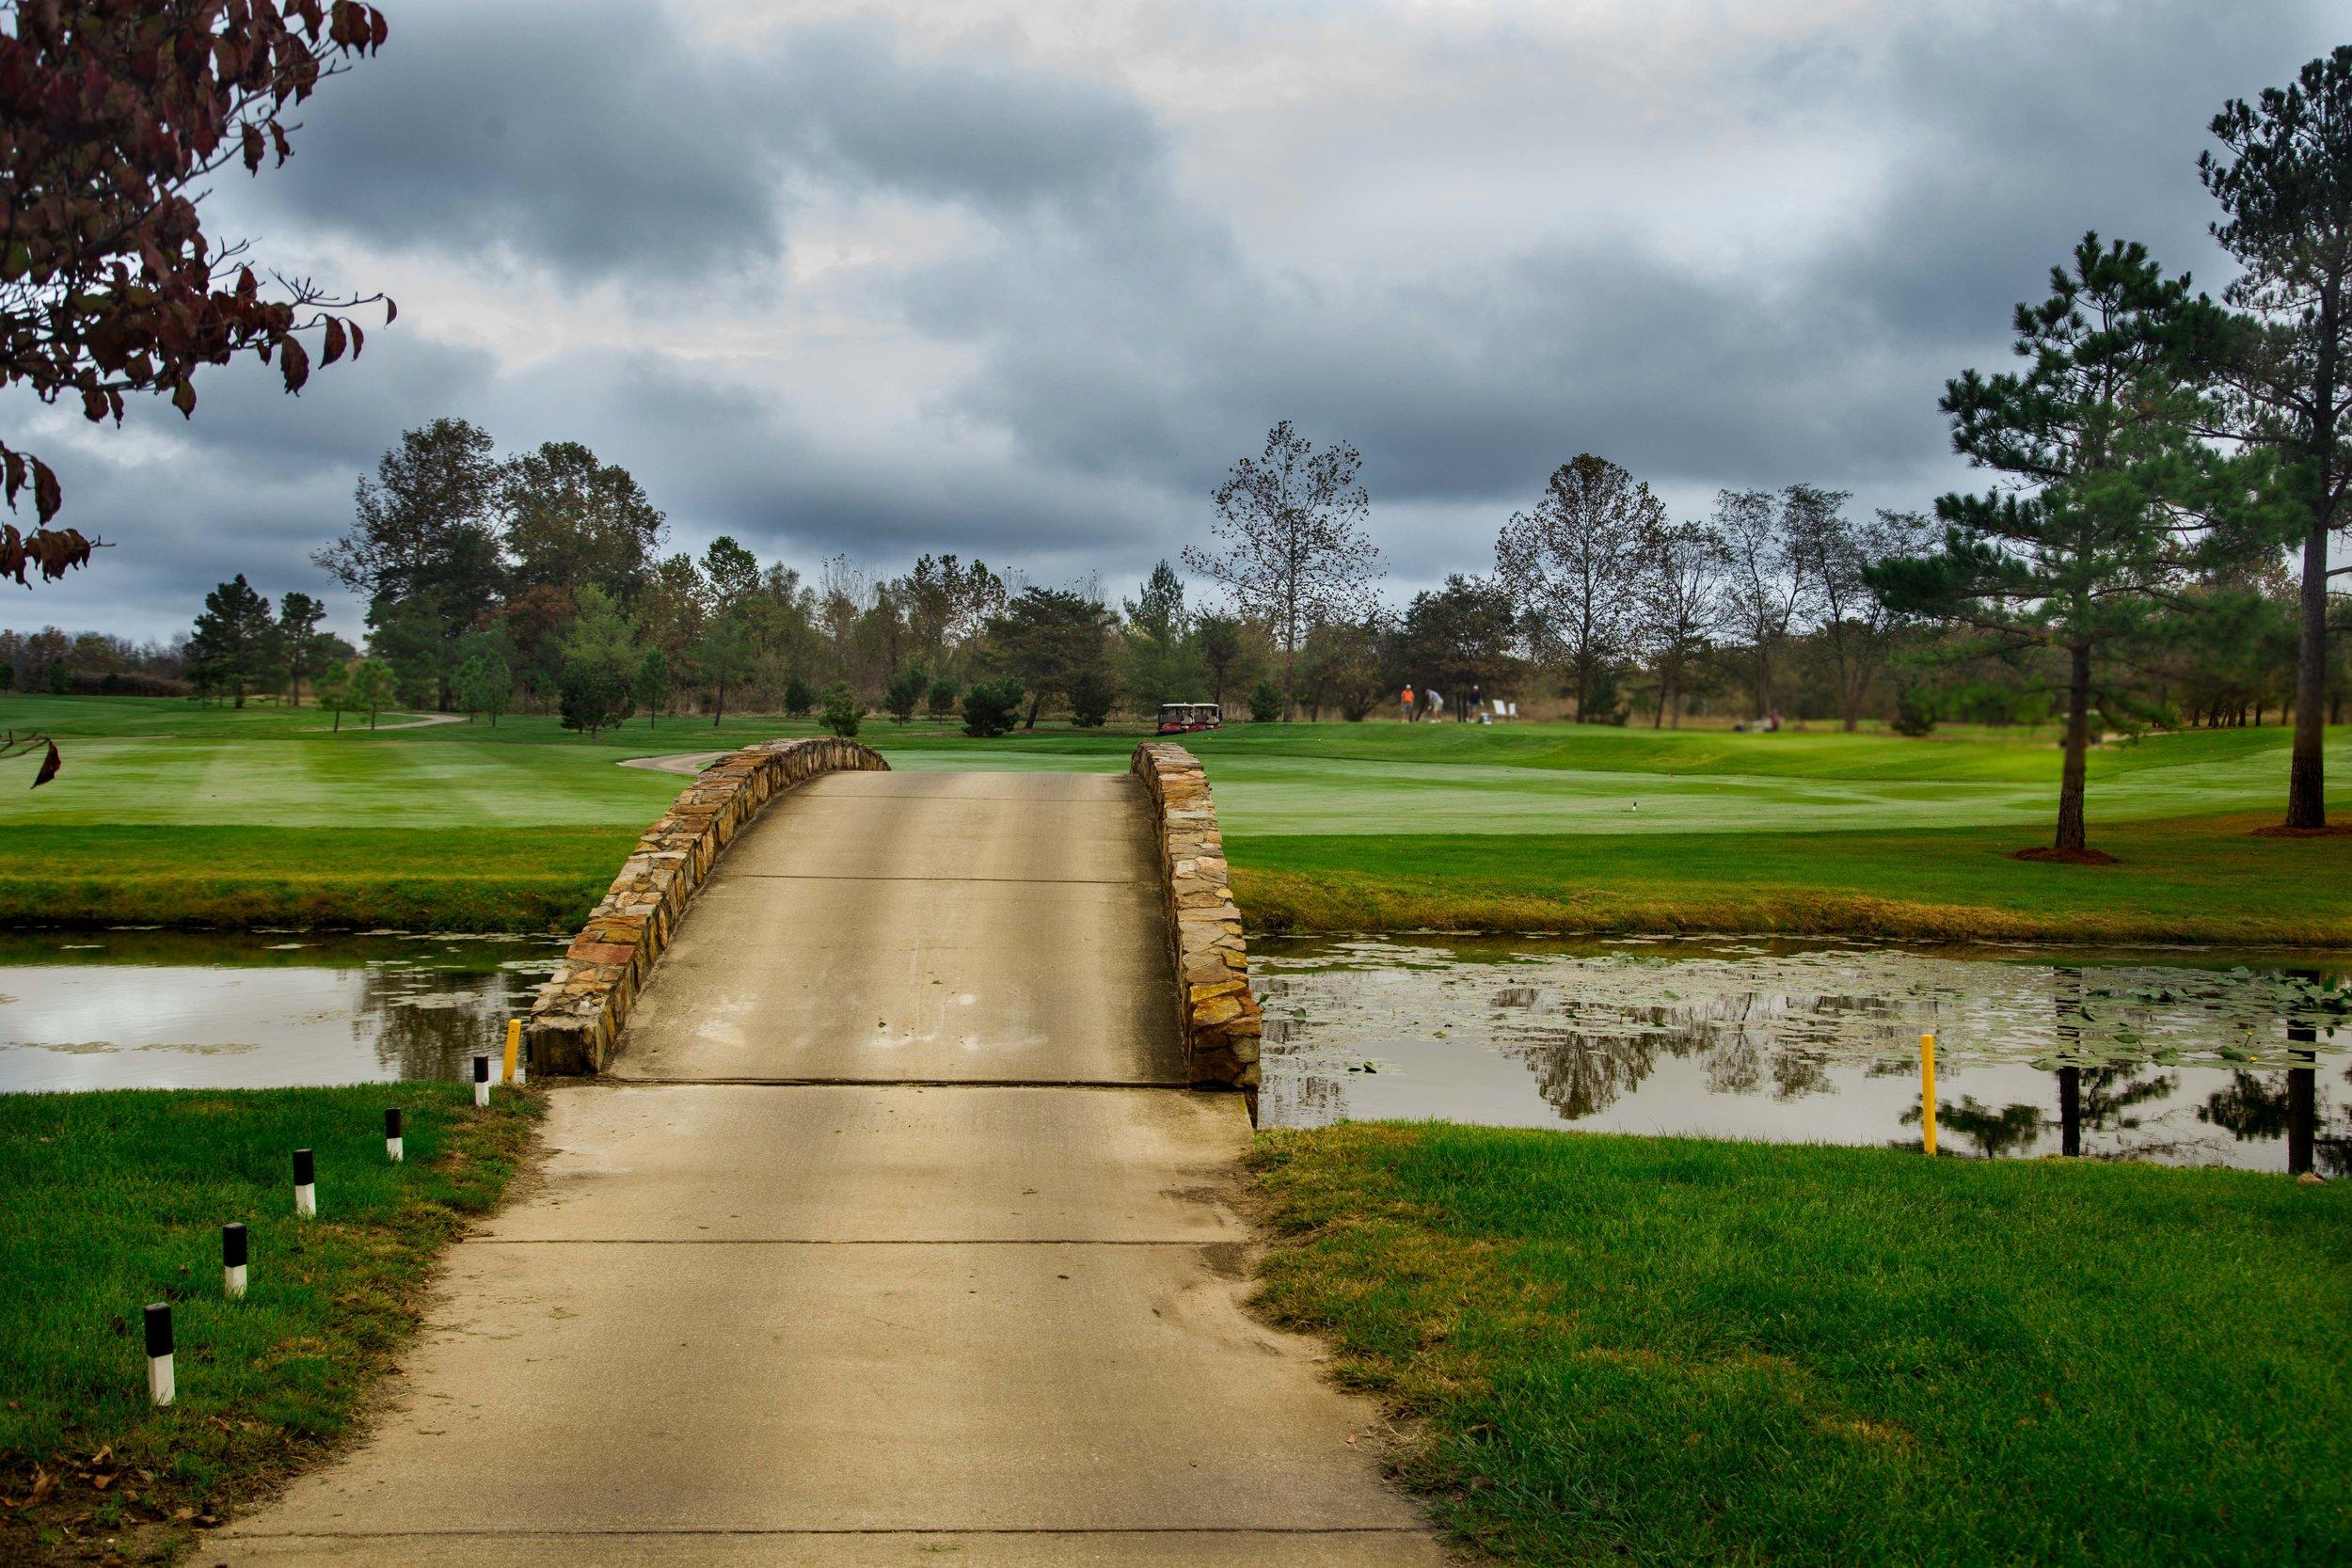 golftournie2017-152.jpg